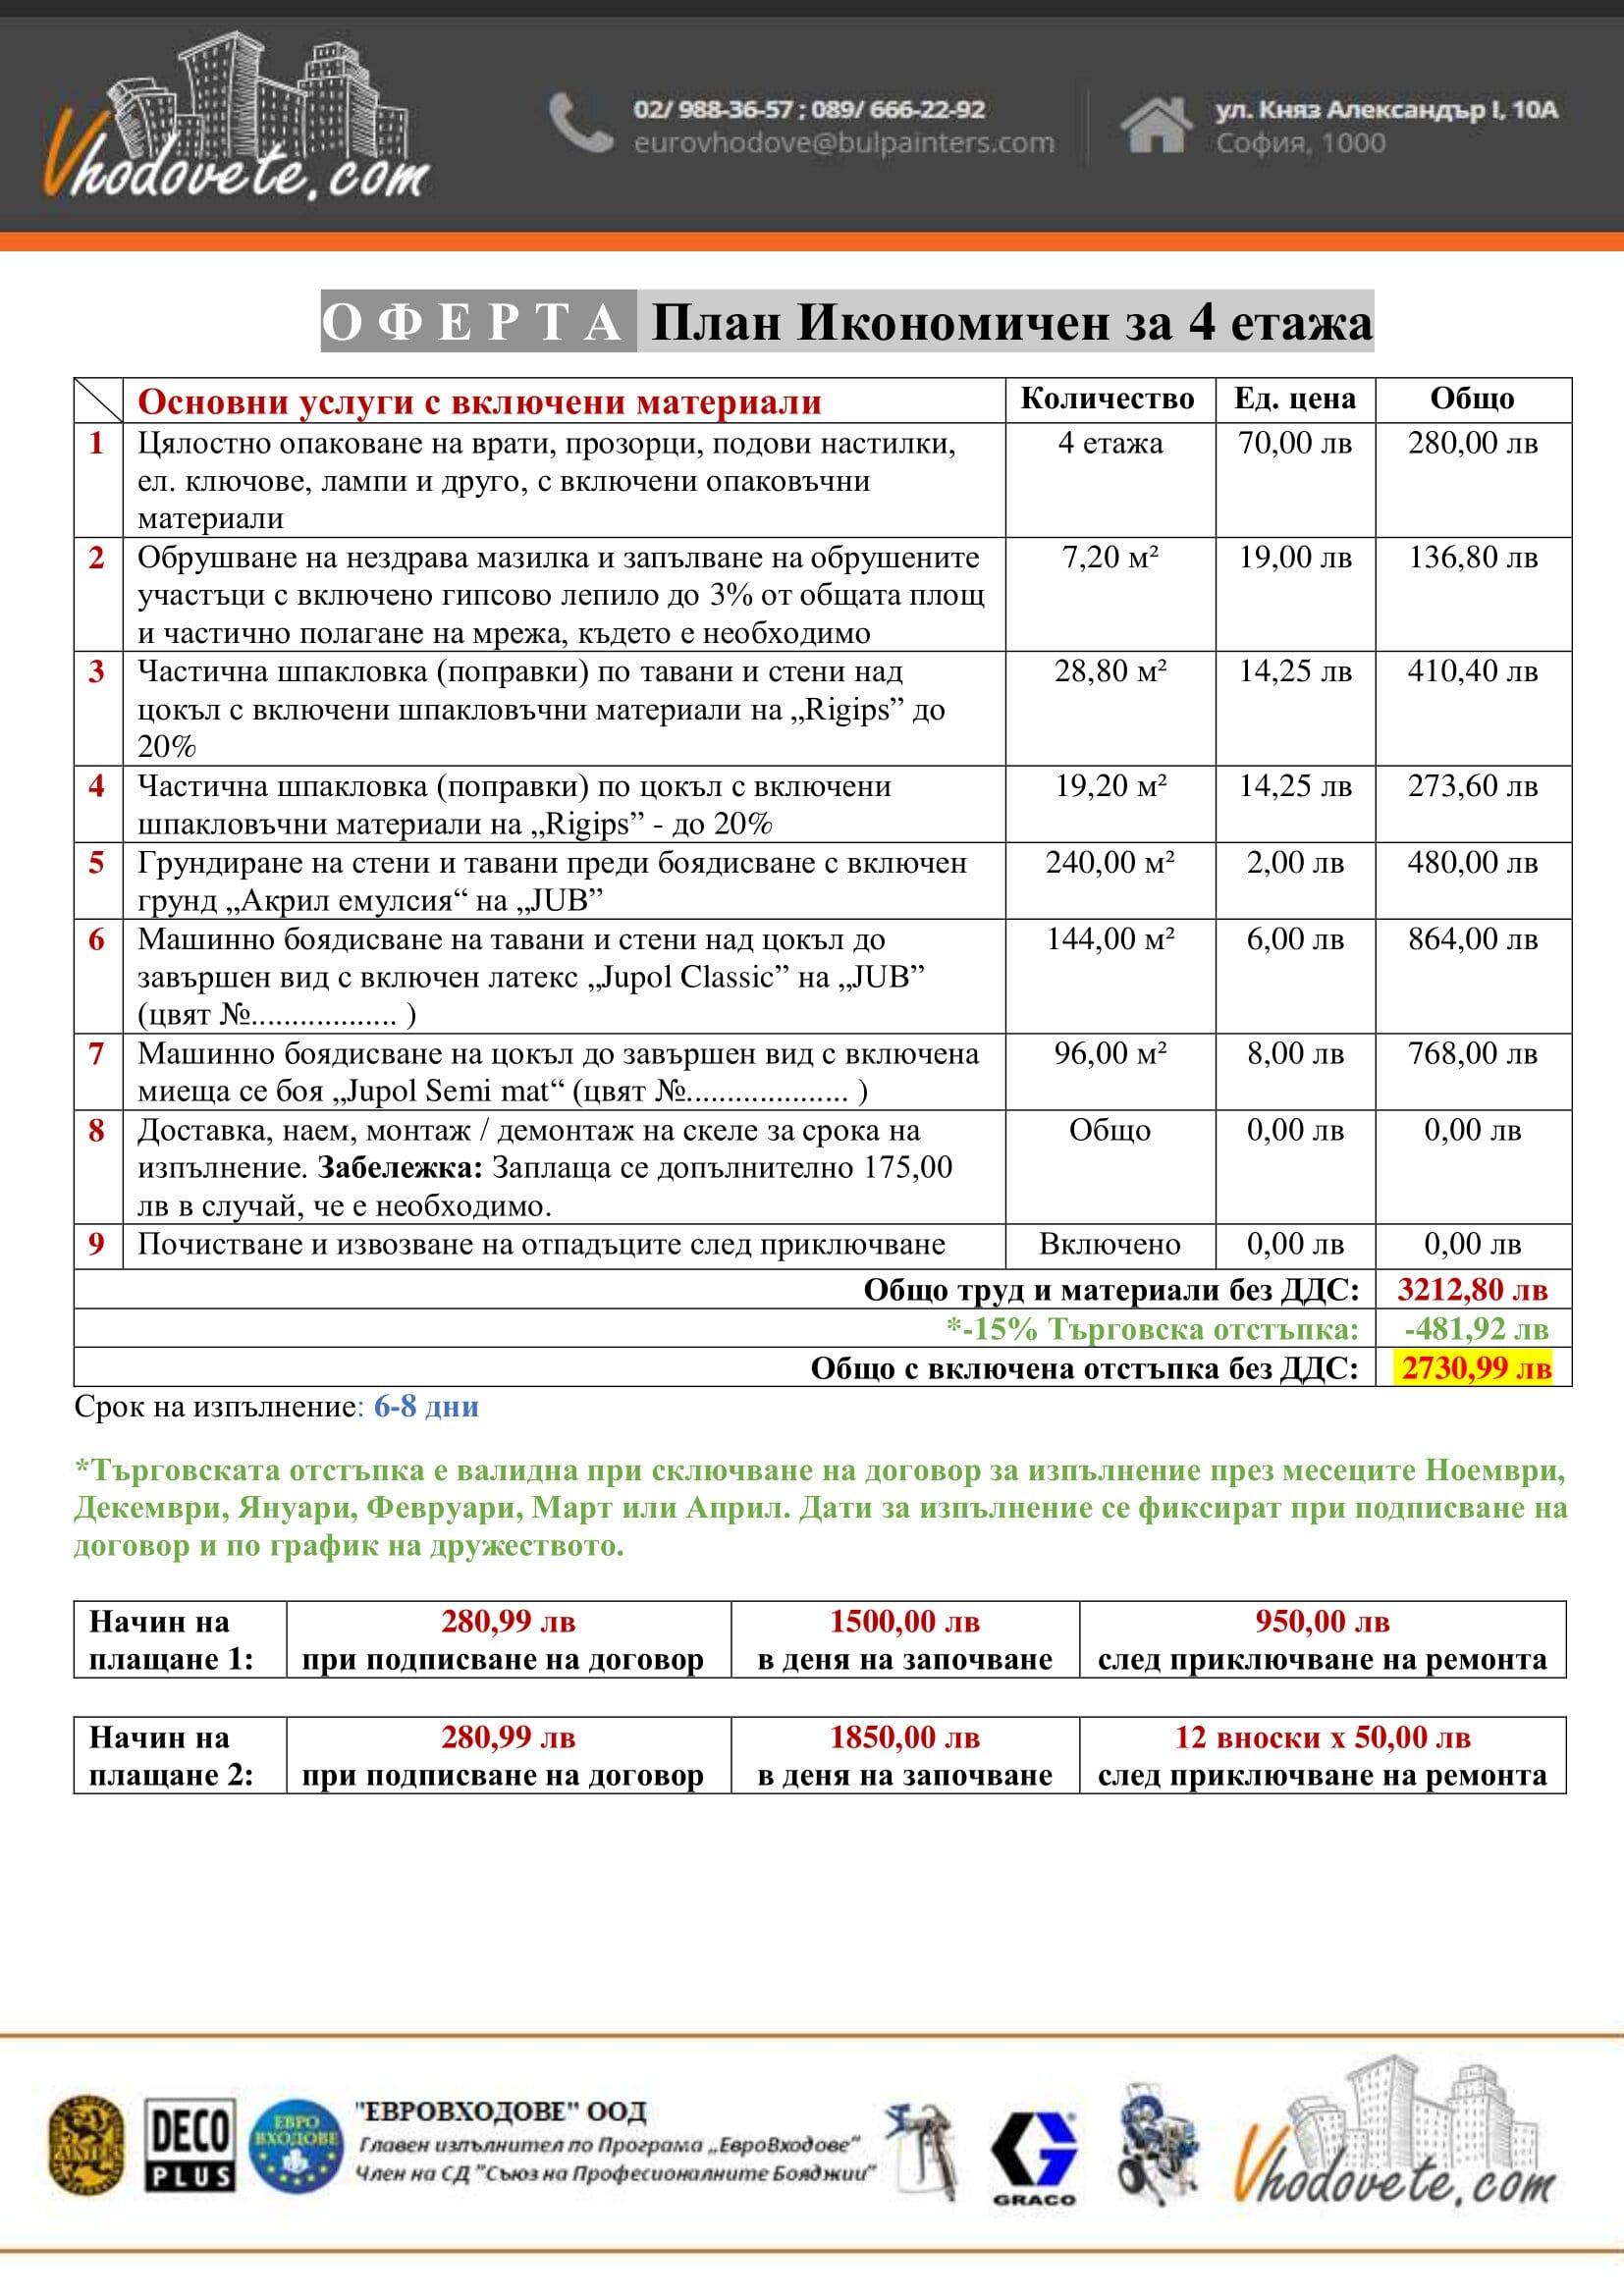 1-Oferta-za-4-et-Ikonomichen-01102020